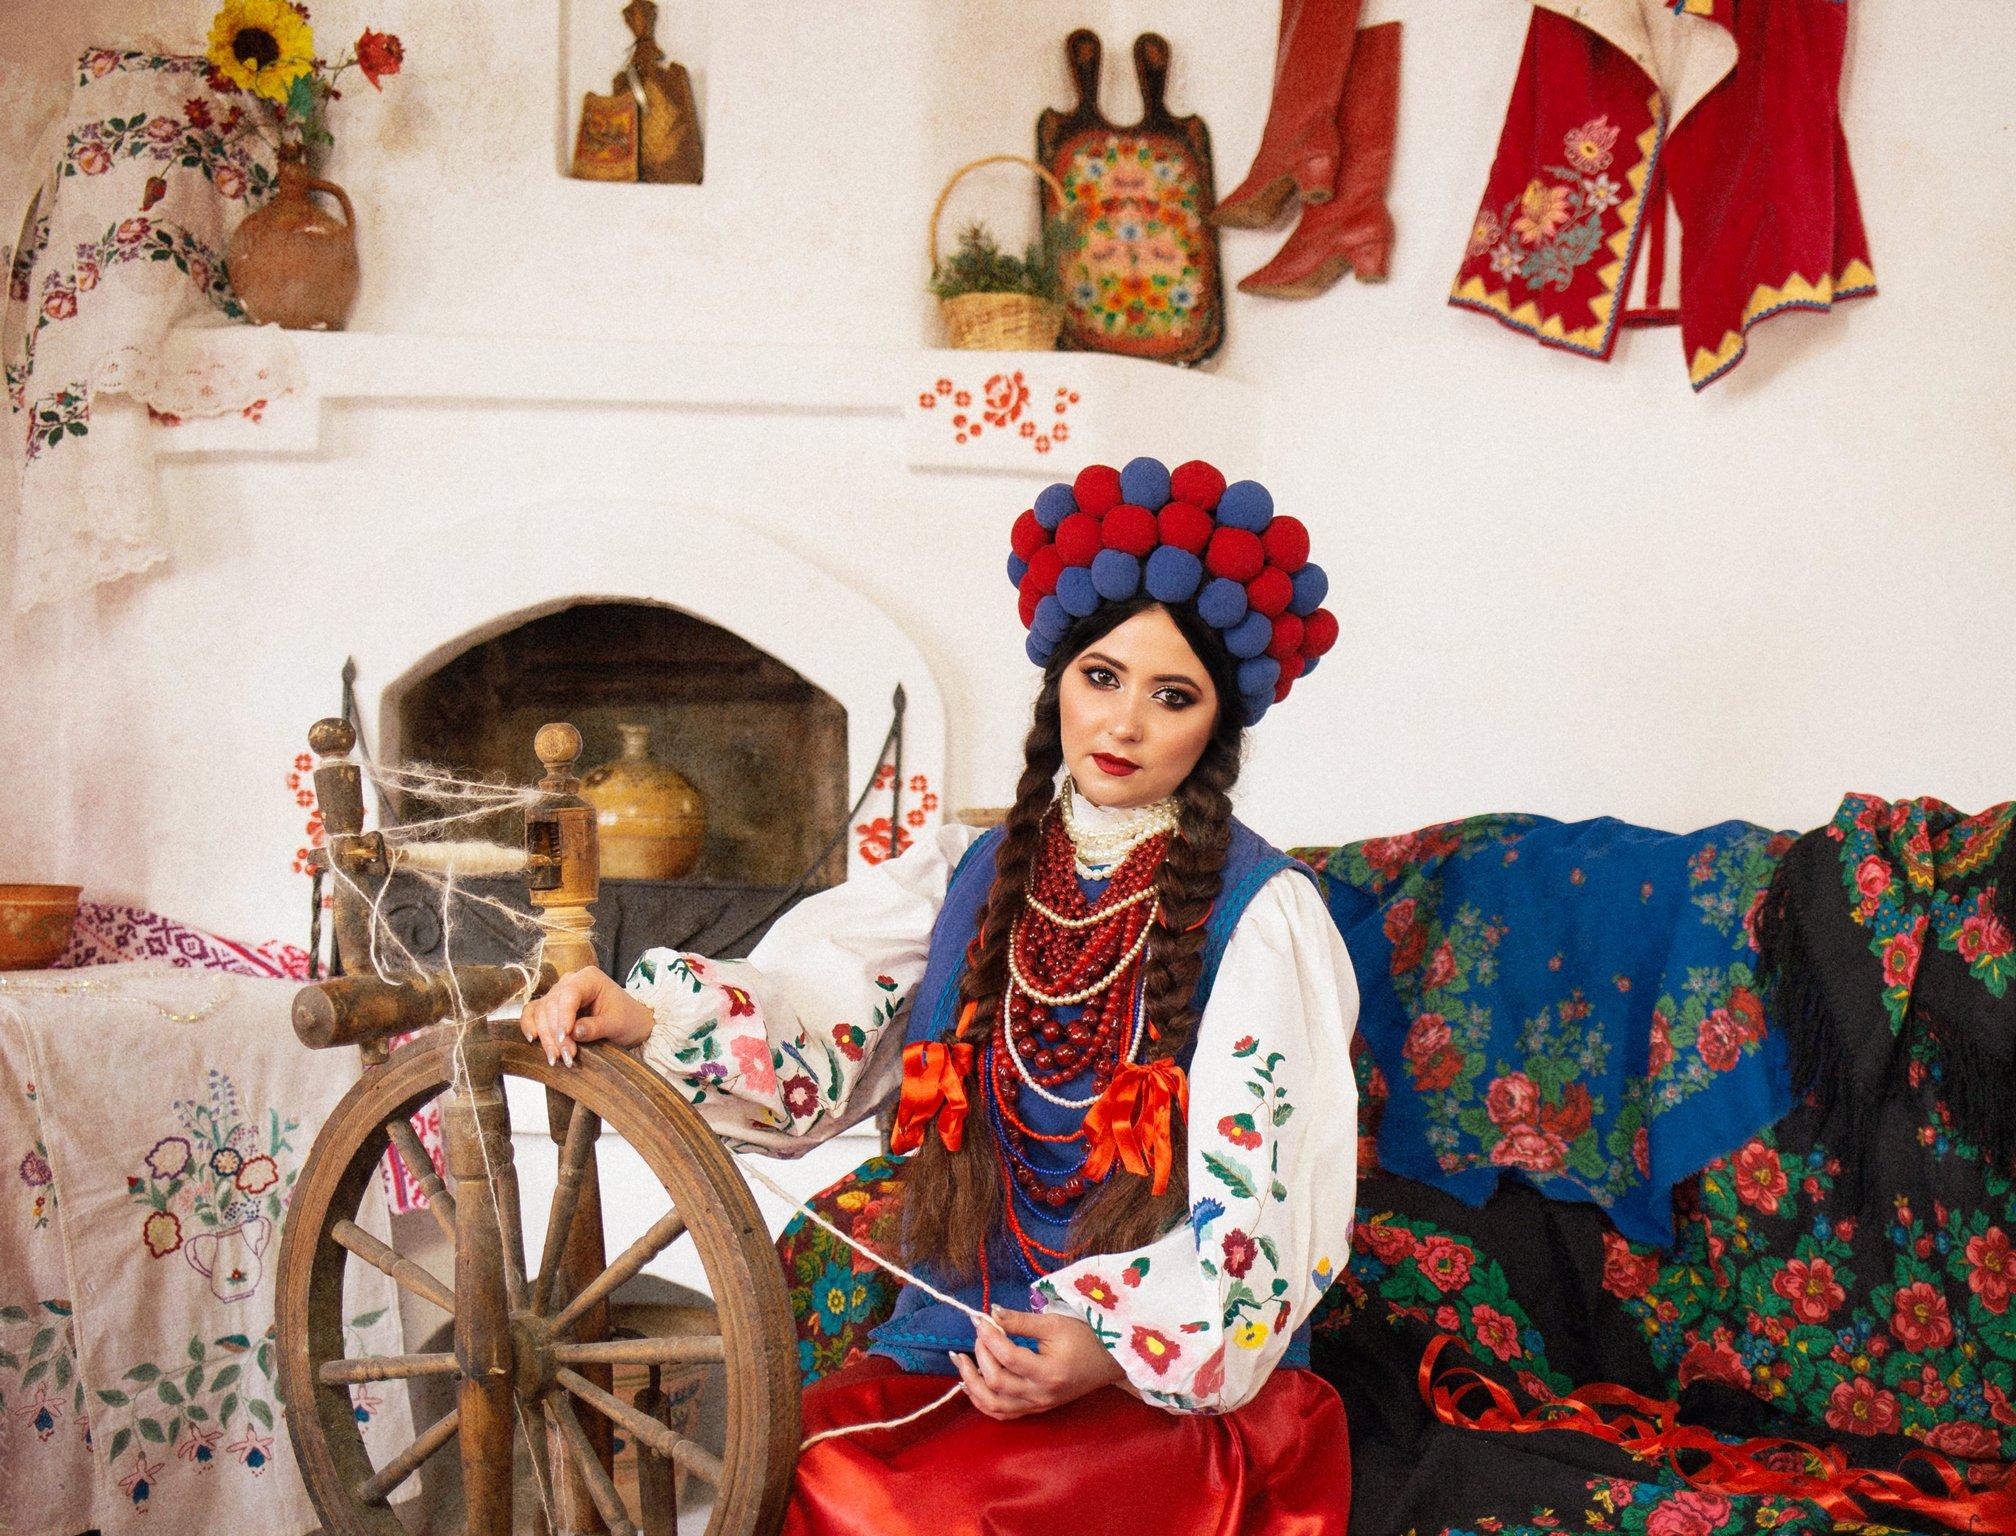 украинка, українка, национальныйкостюм, девушка, Биличенко Оксана